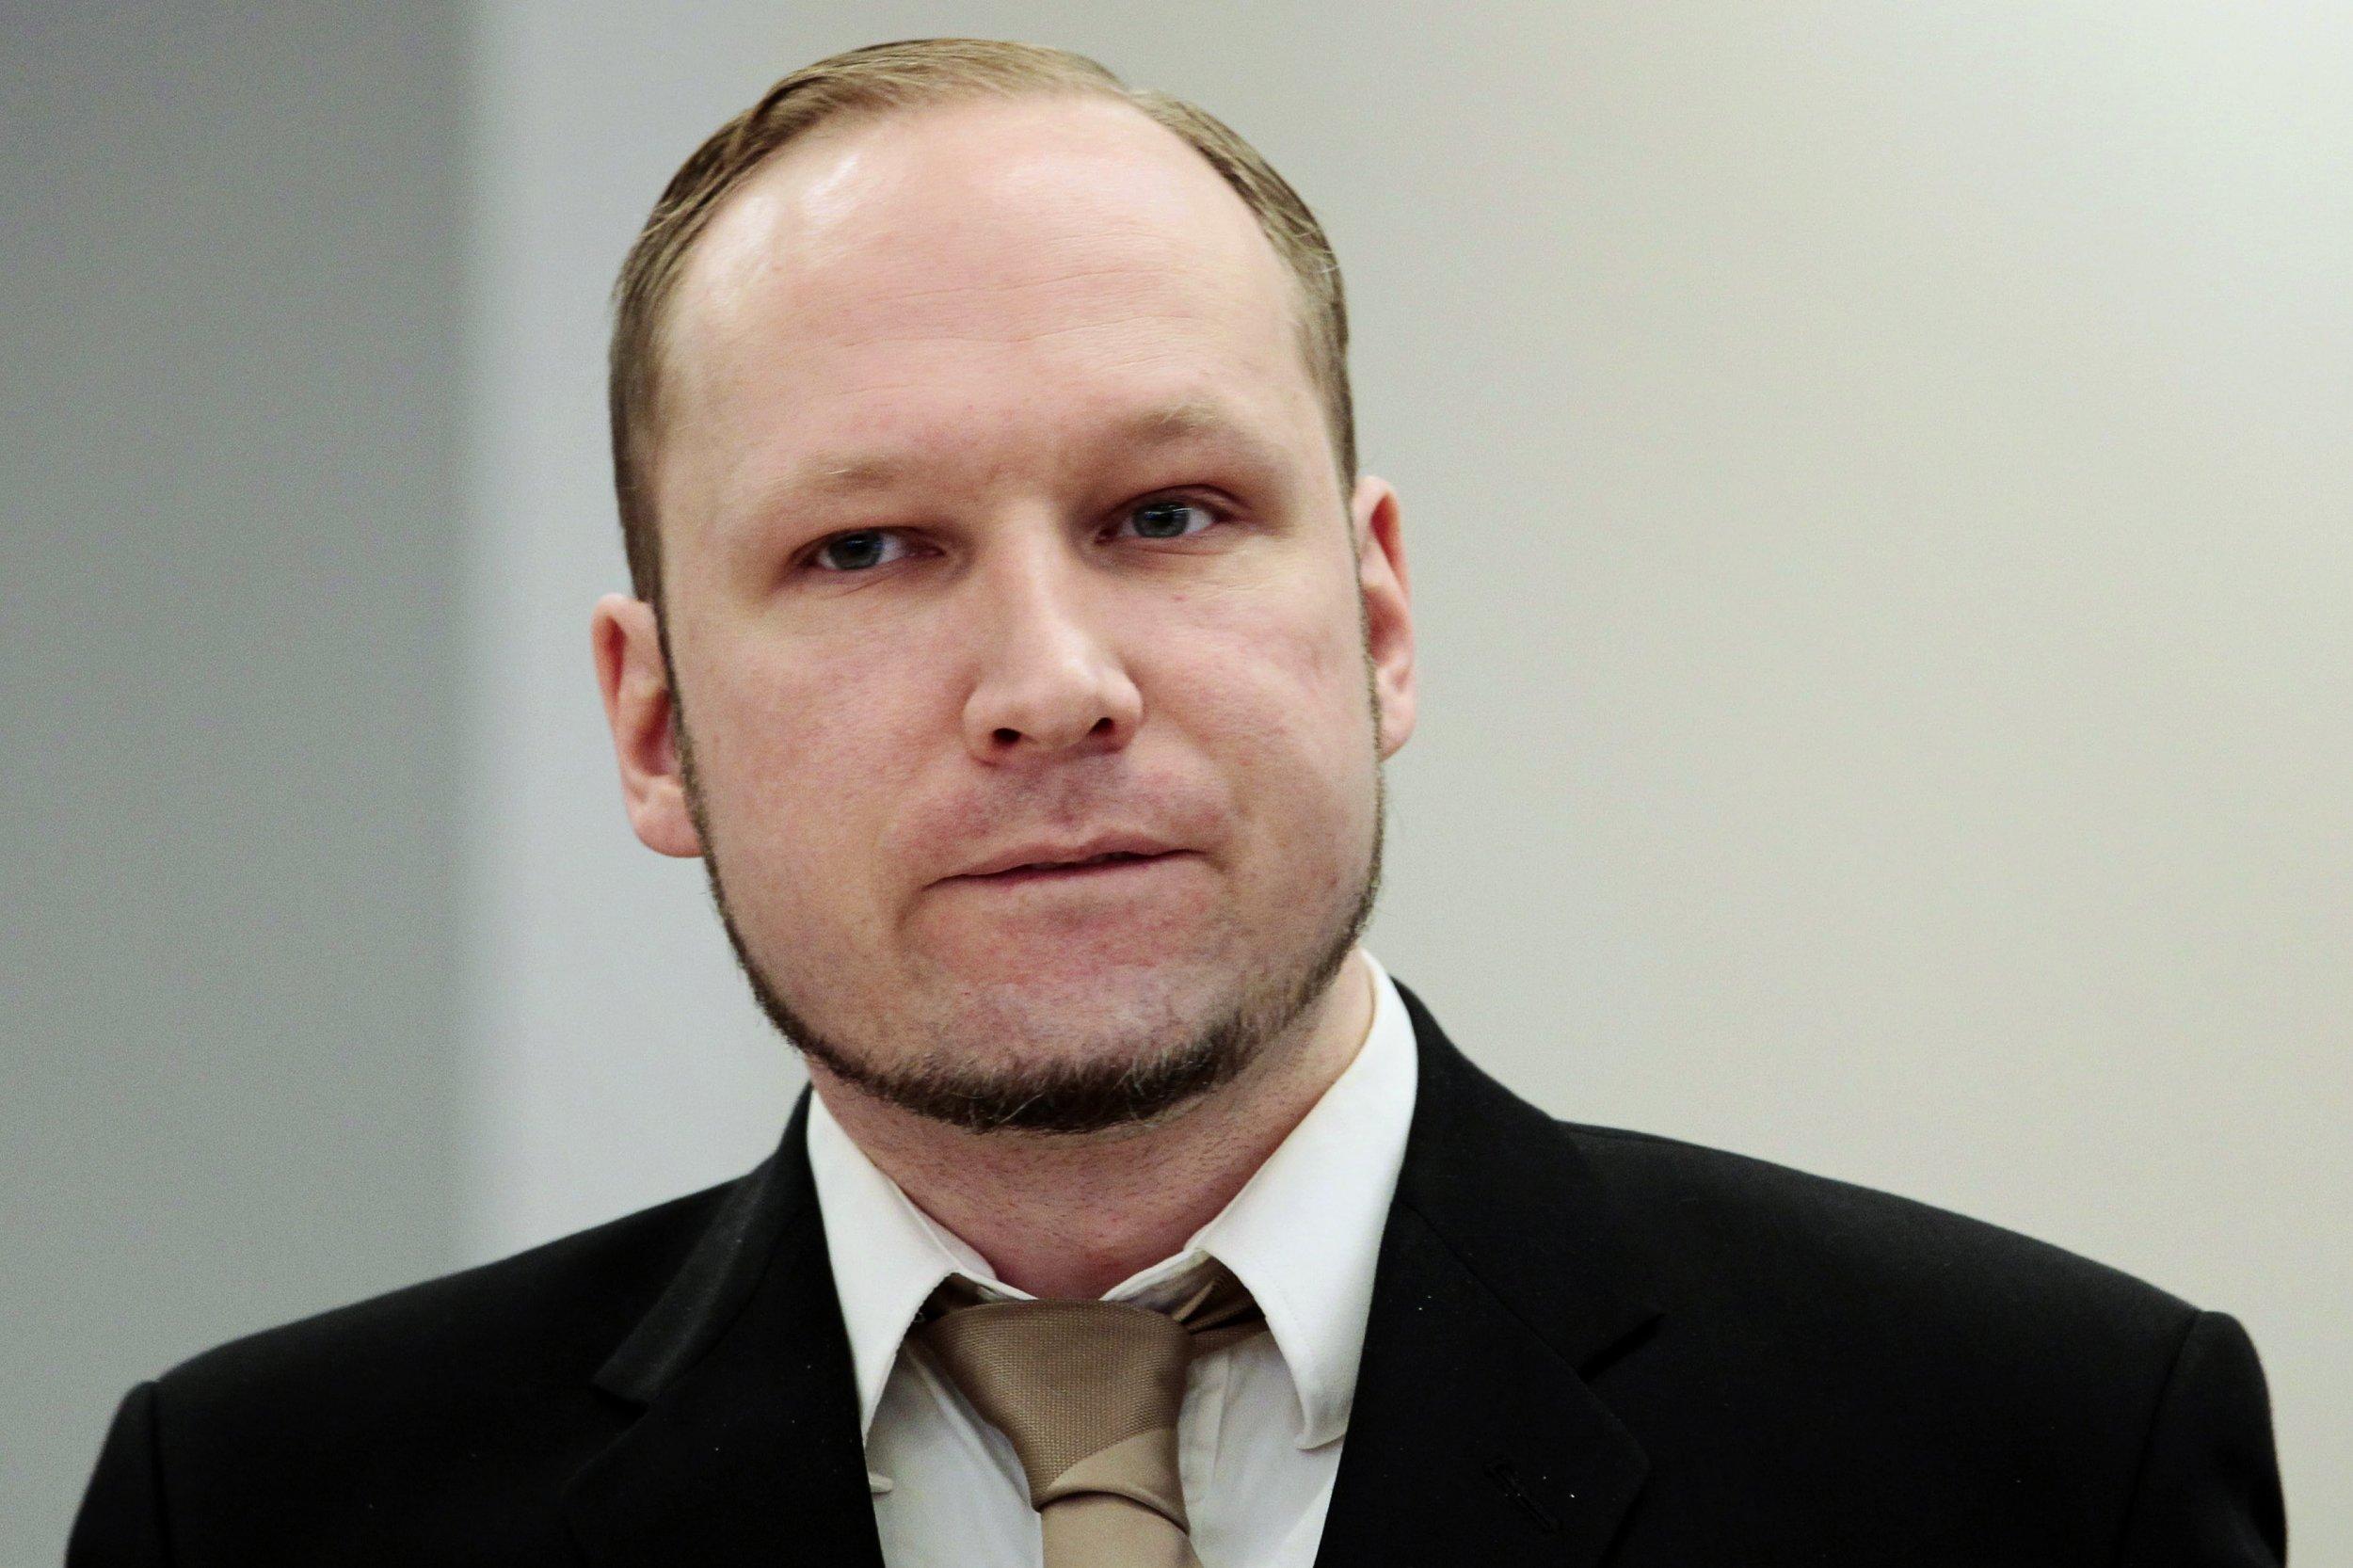 17/04/2012_Anders Behring Breivik